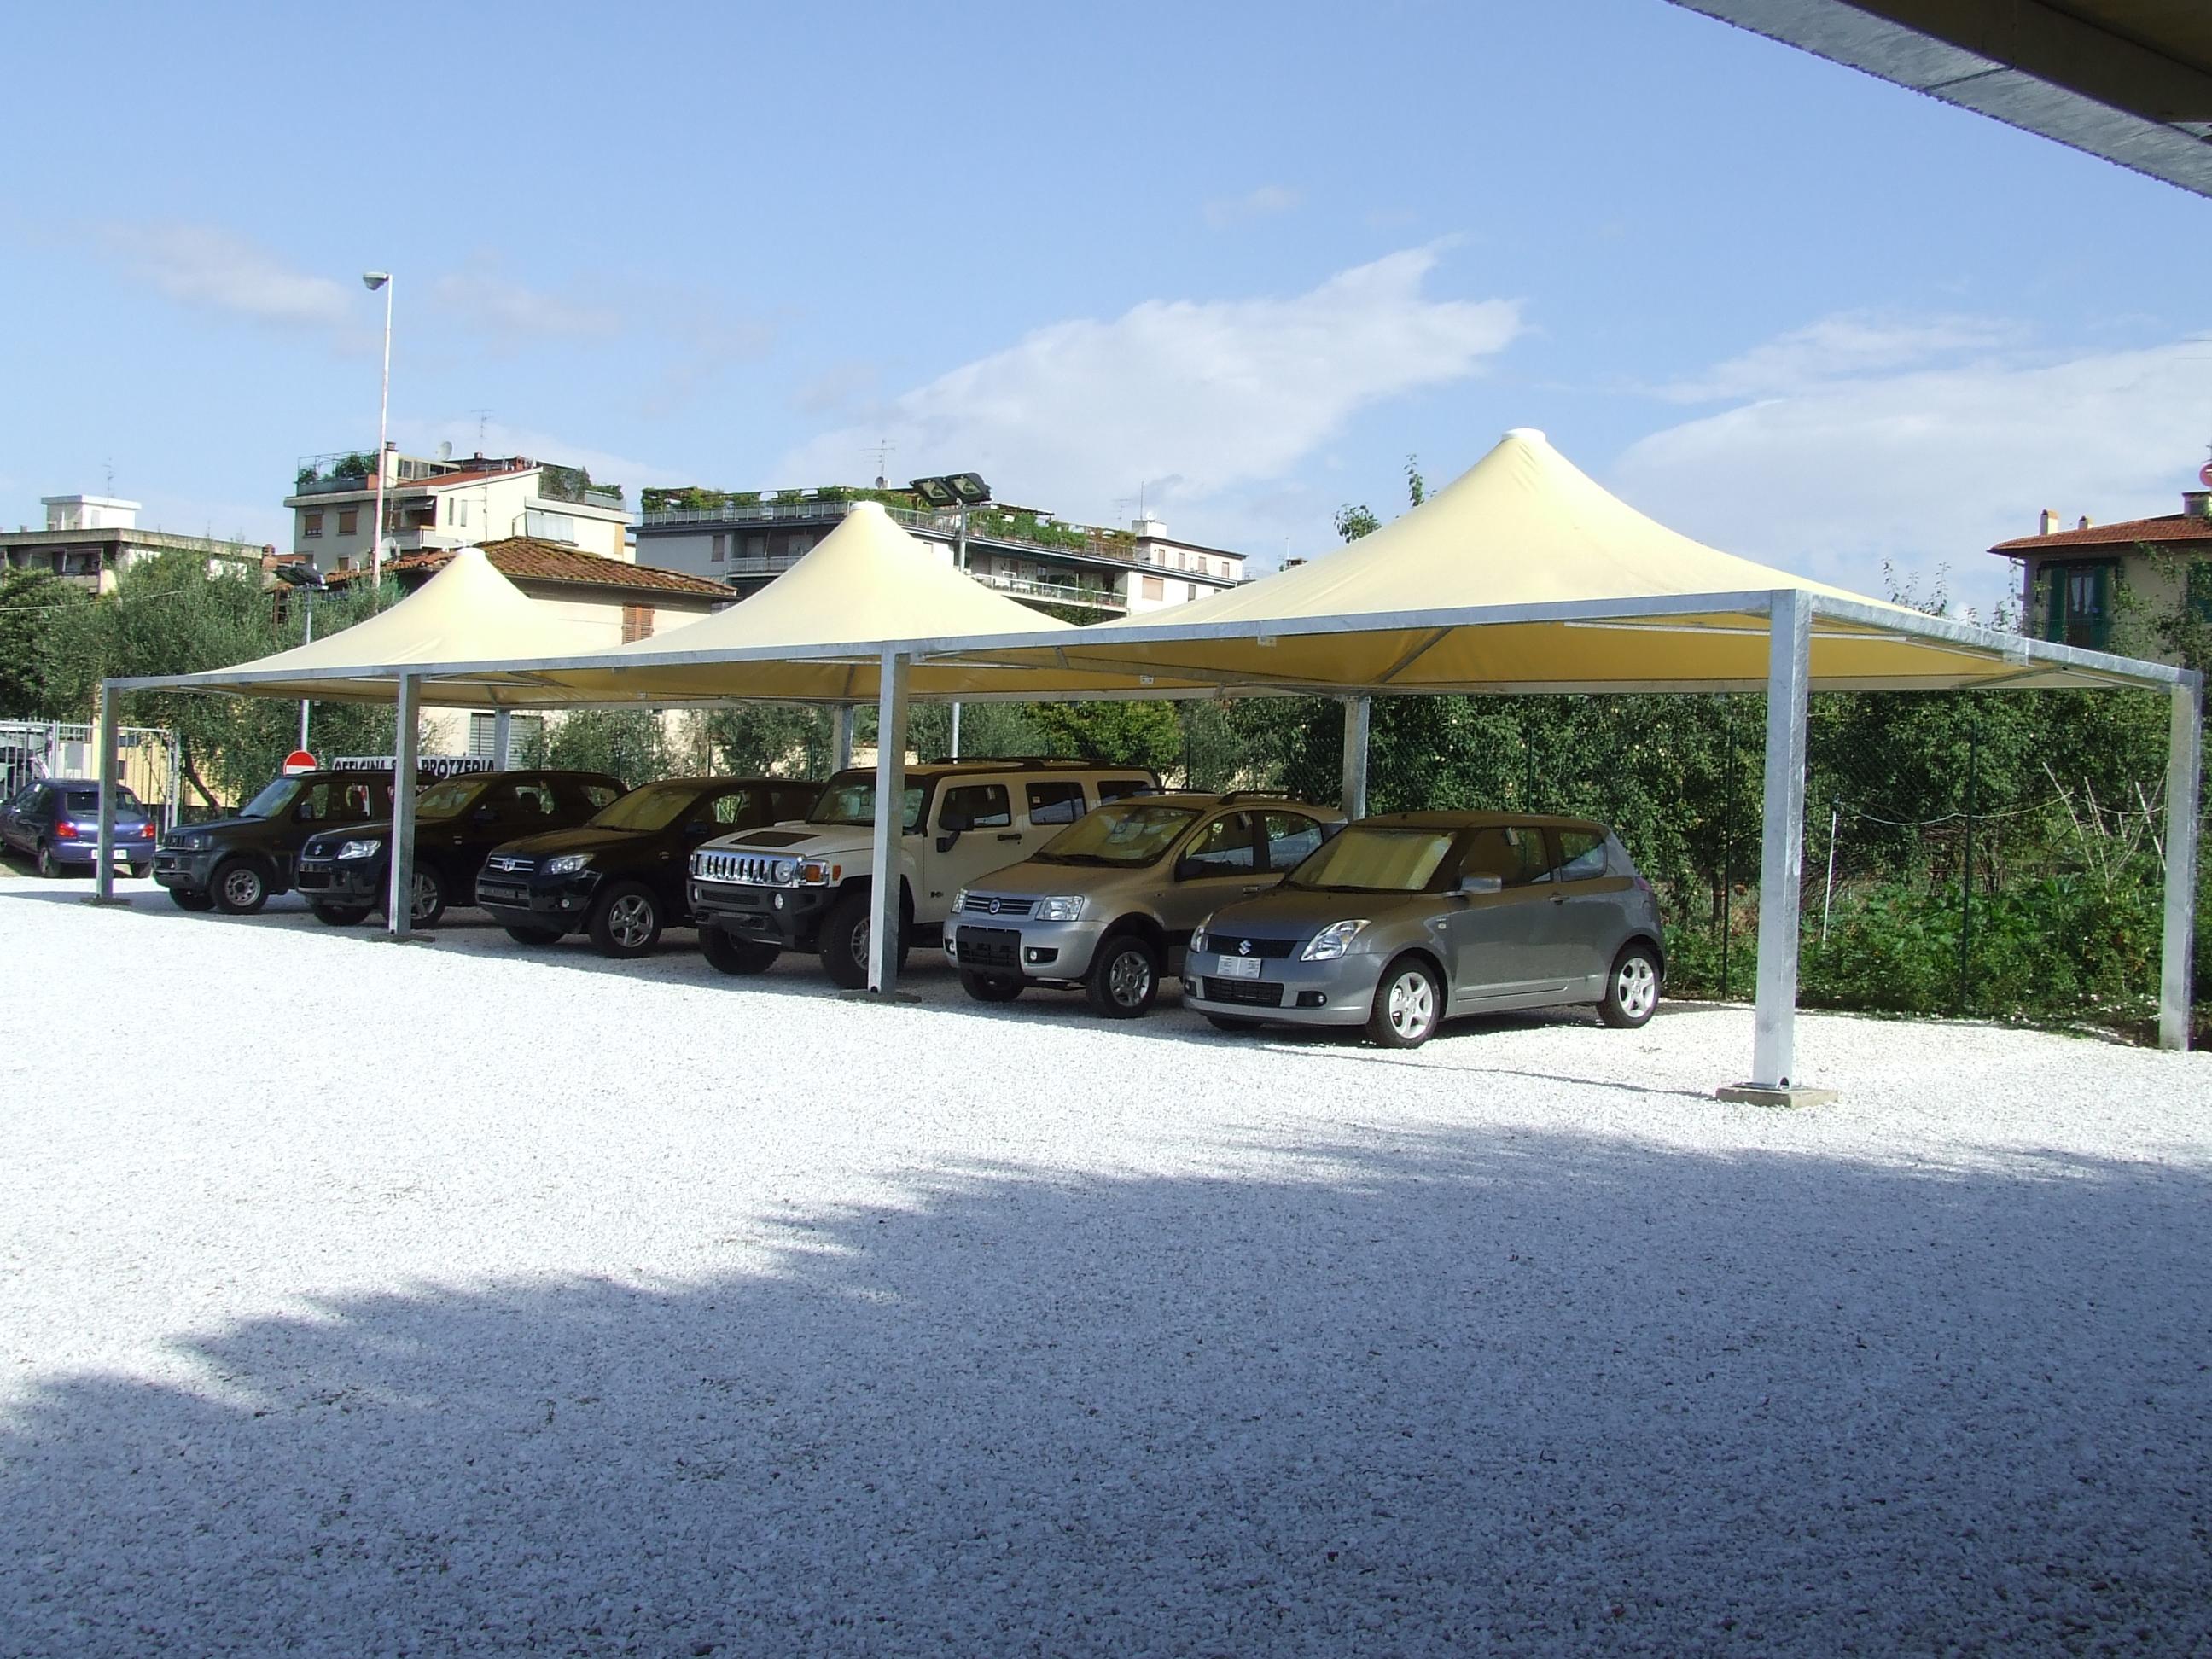 Df coperture firenze noleggio e vendita di gazebo e for Gazebo per auto usato